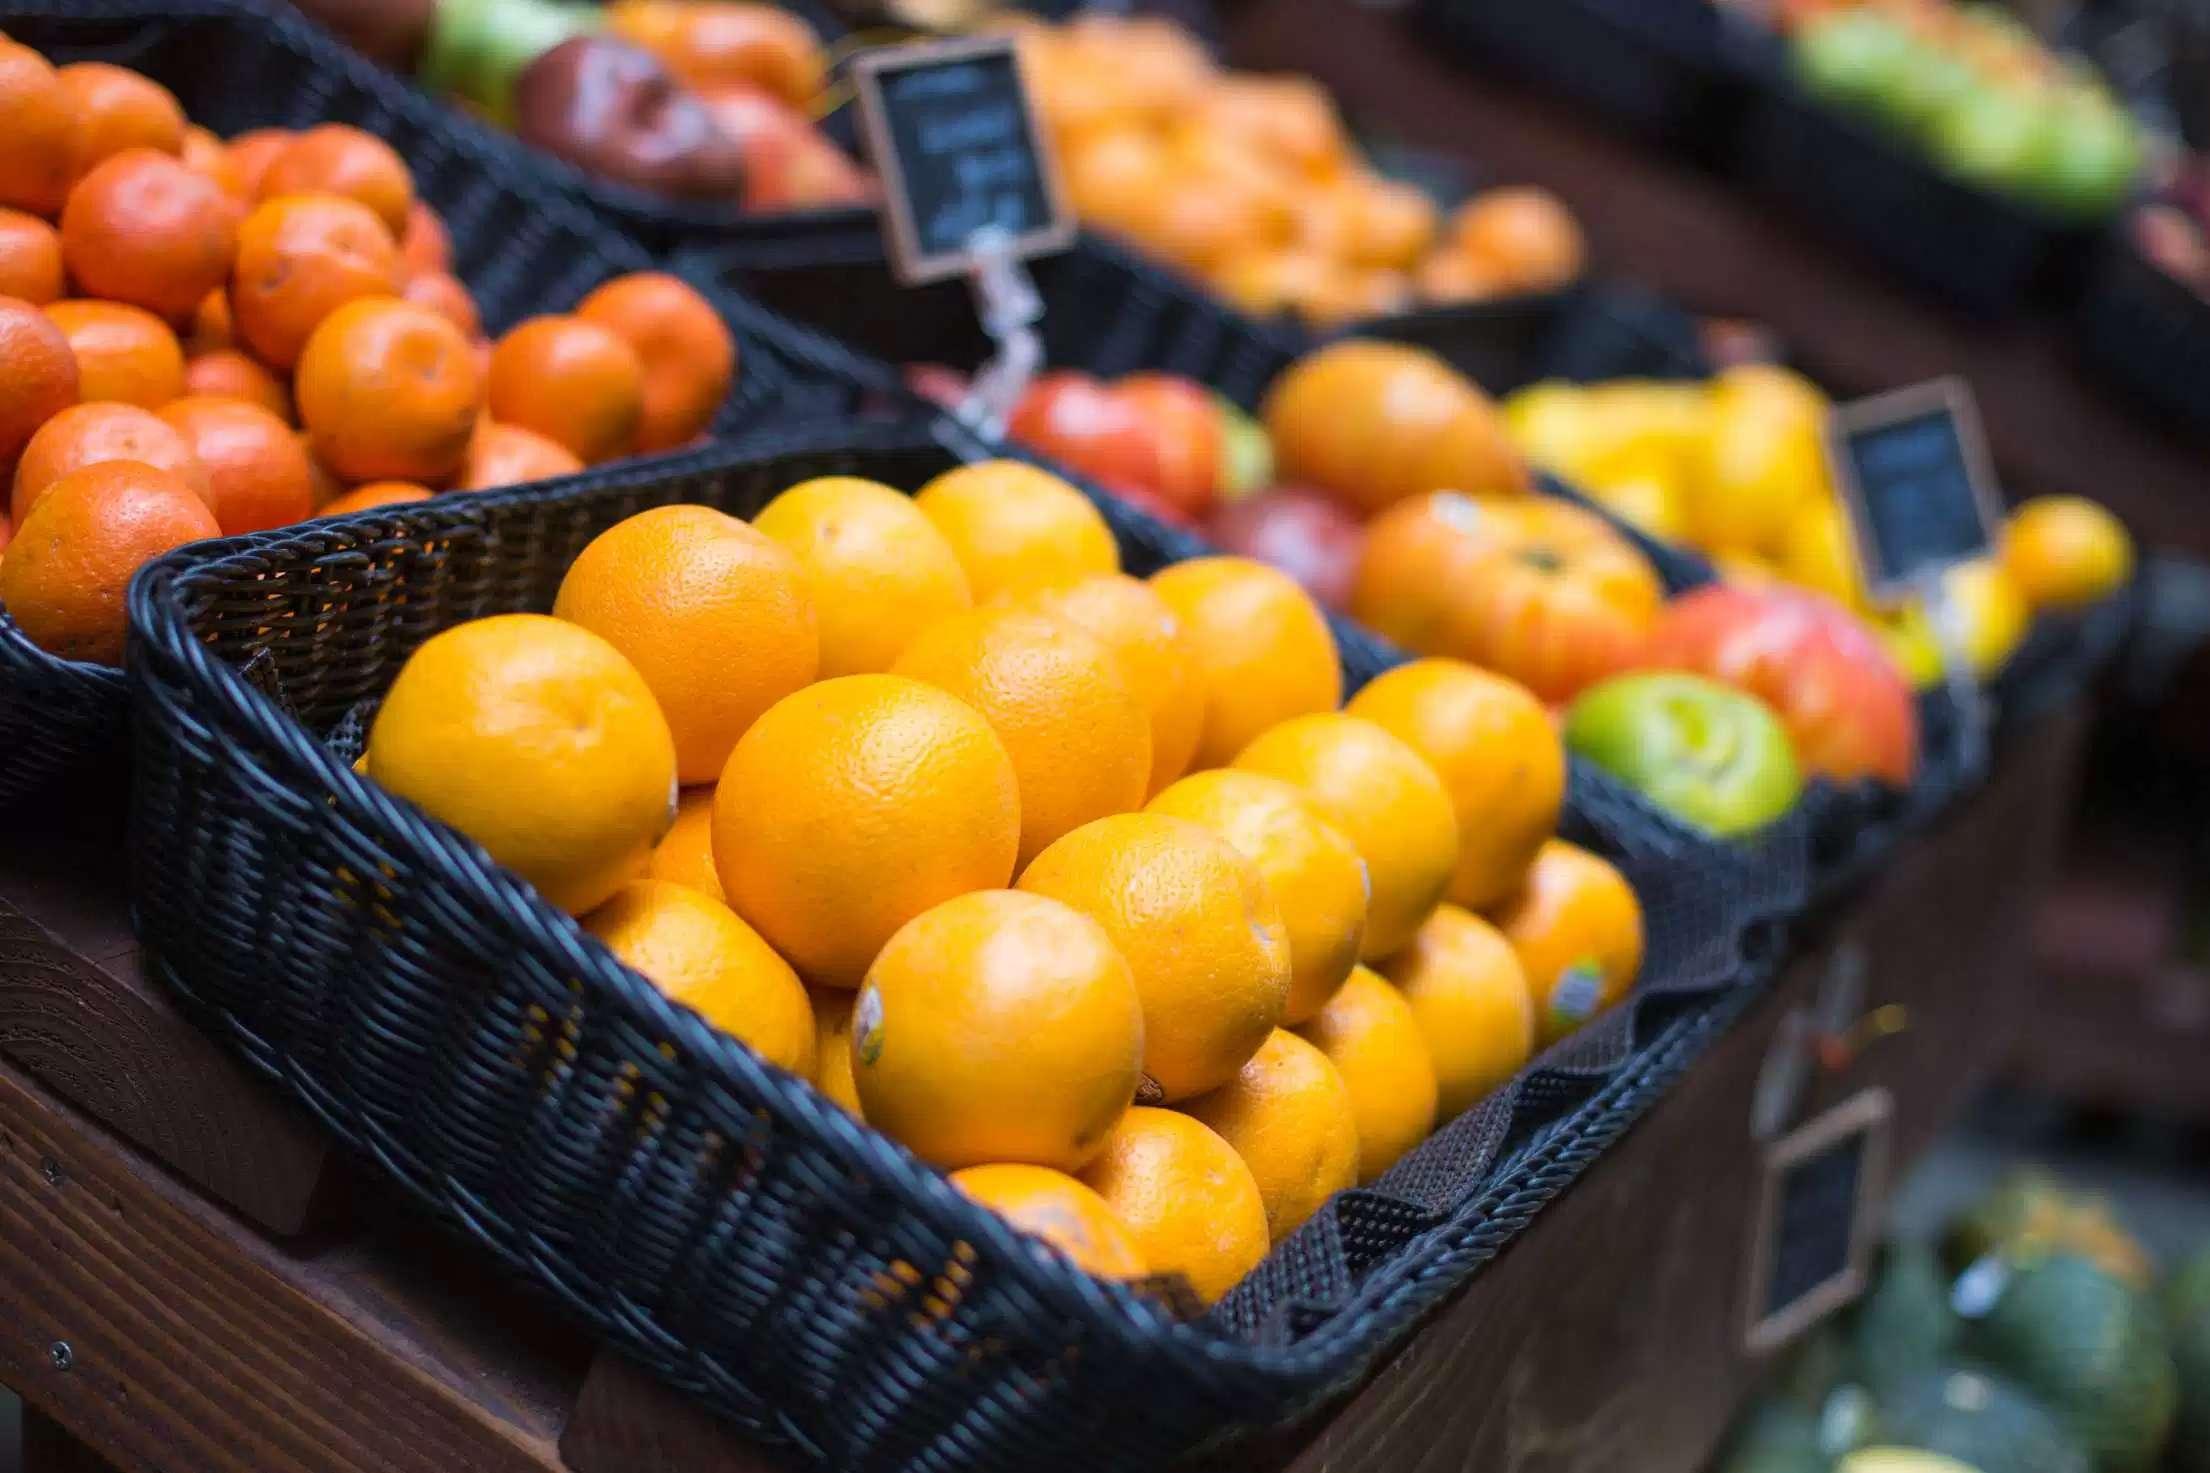 多吃水果有益健康哪些水果清热去火呢